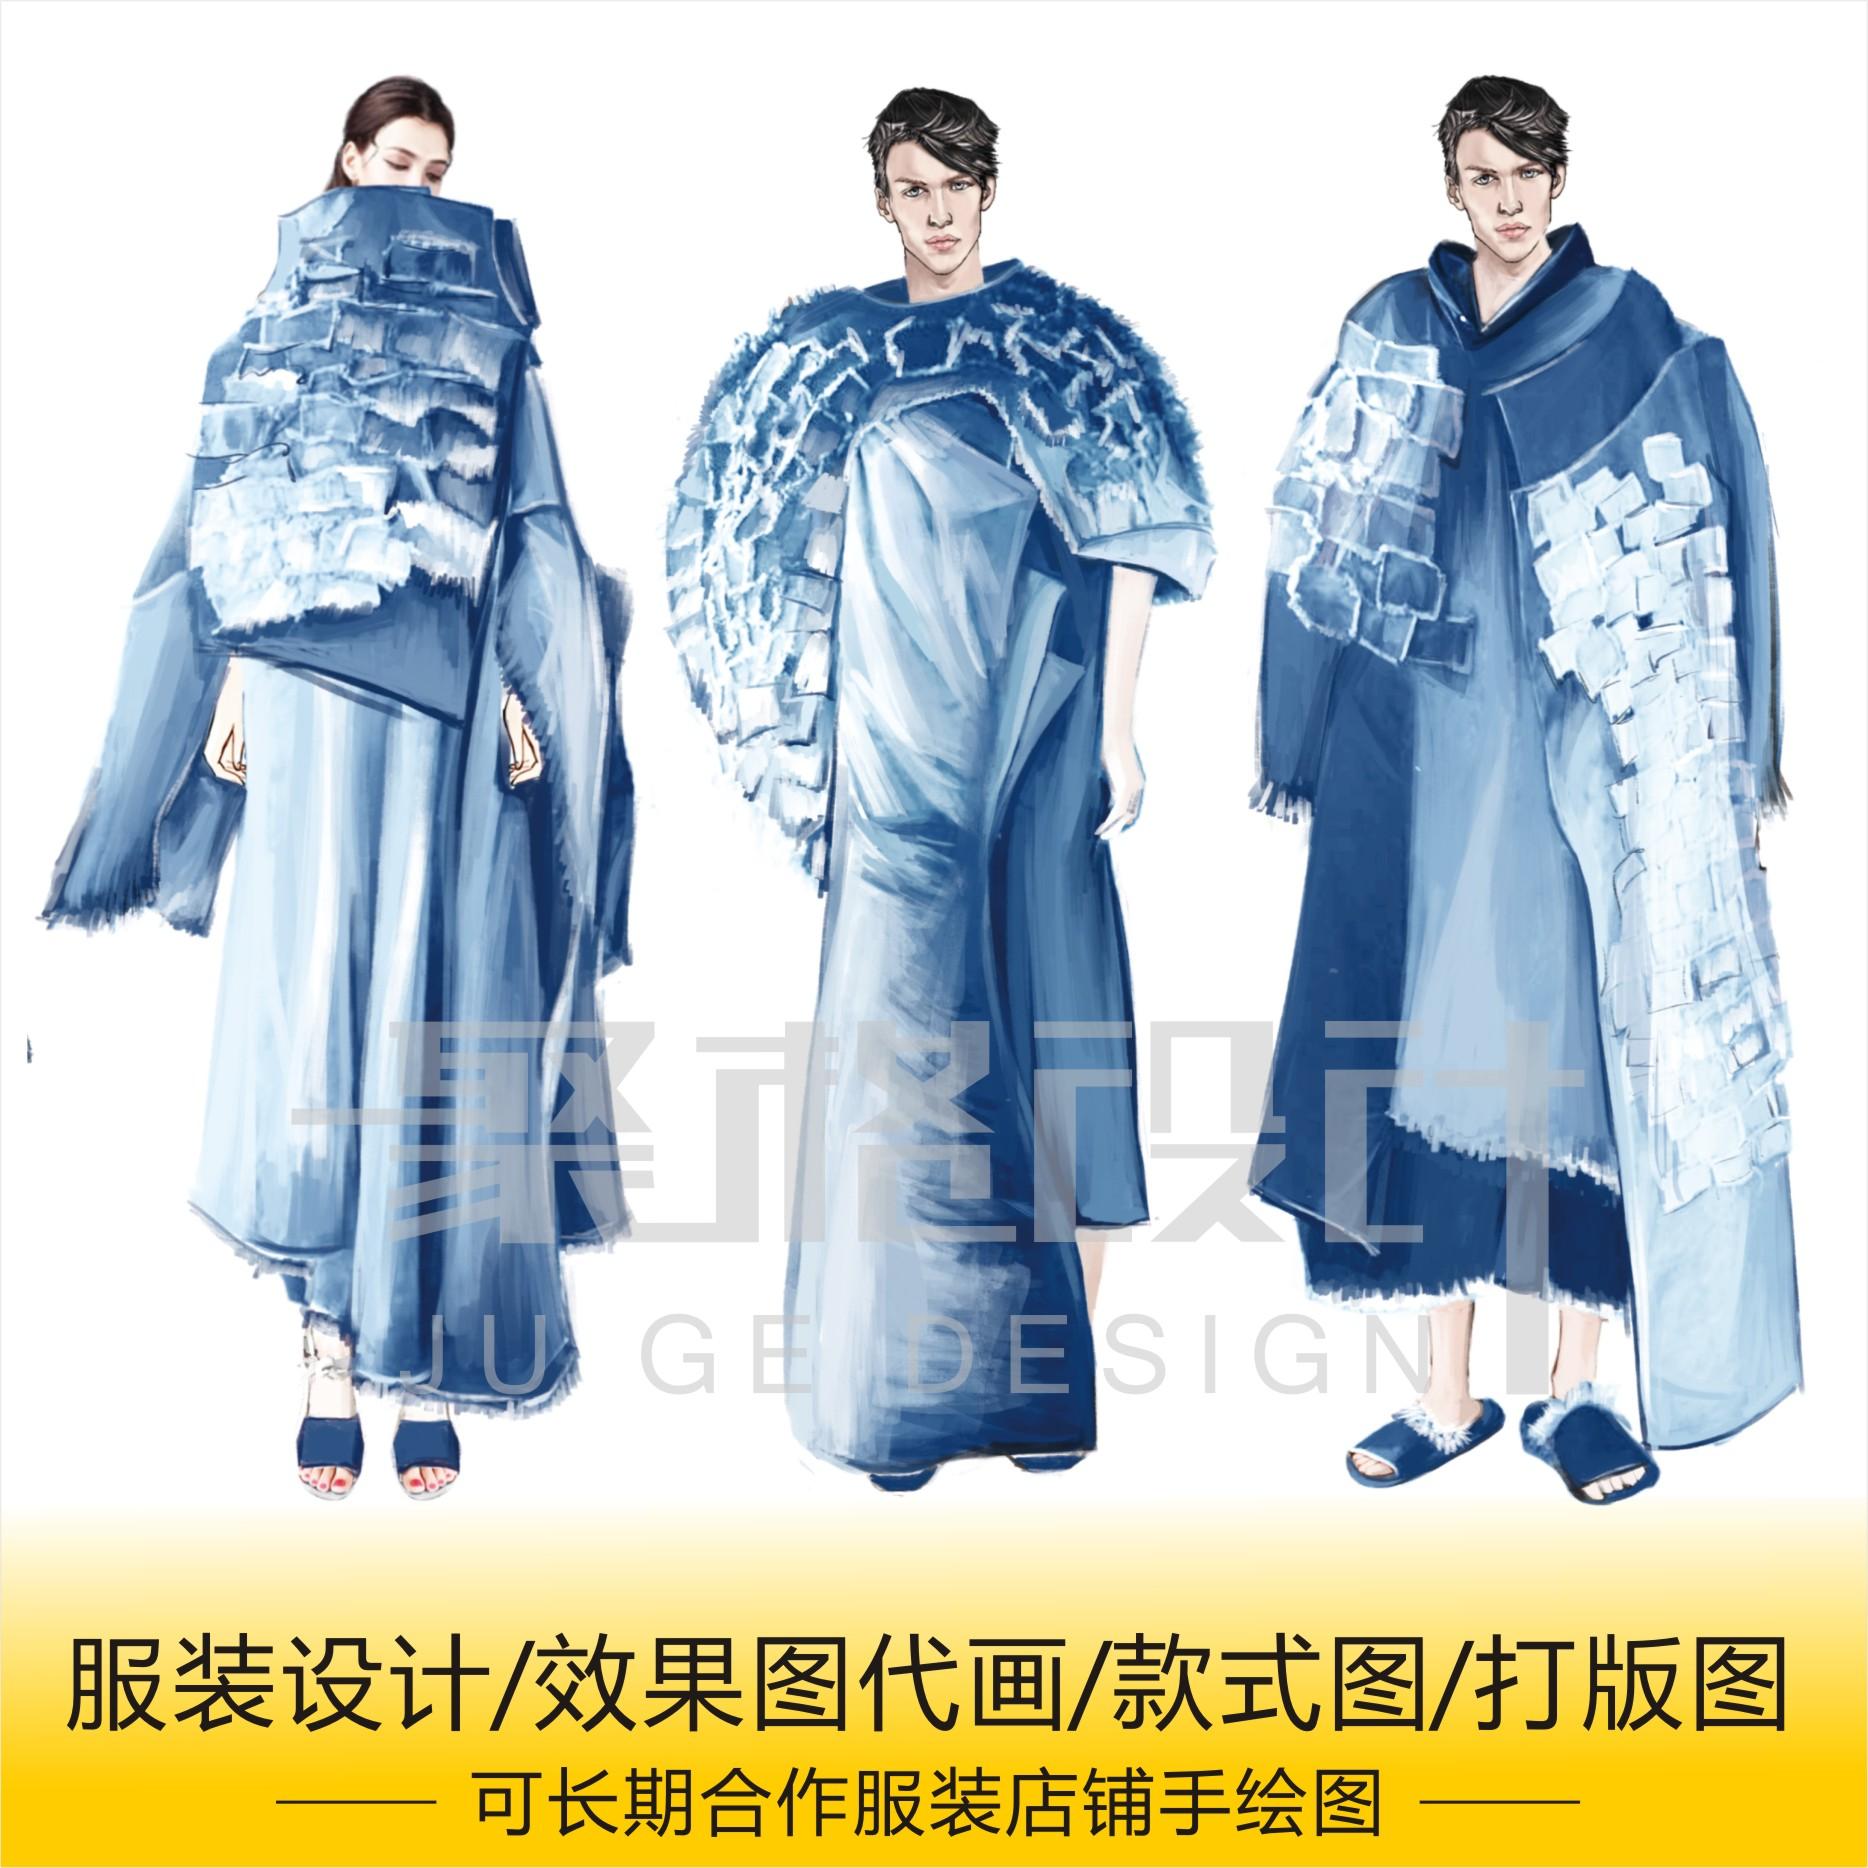 服装设计手绘图 ps服装效果图代画 ai款式图 服装成衣制作 打版图